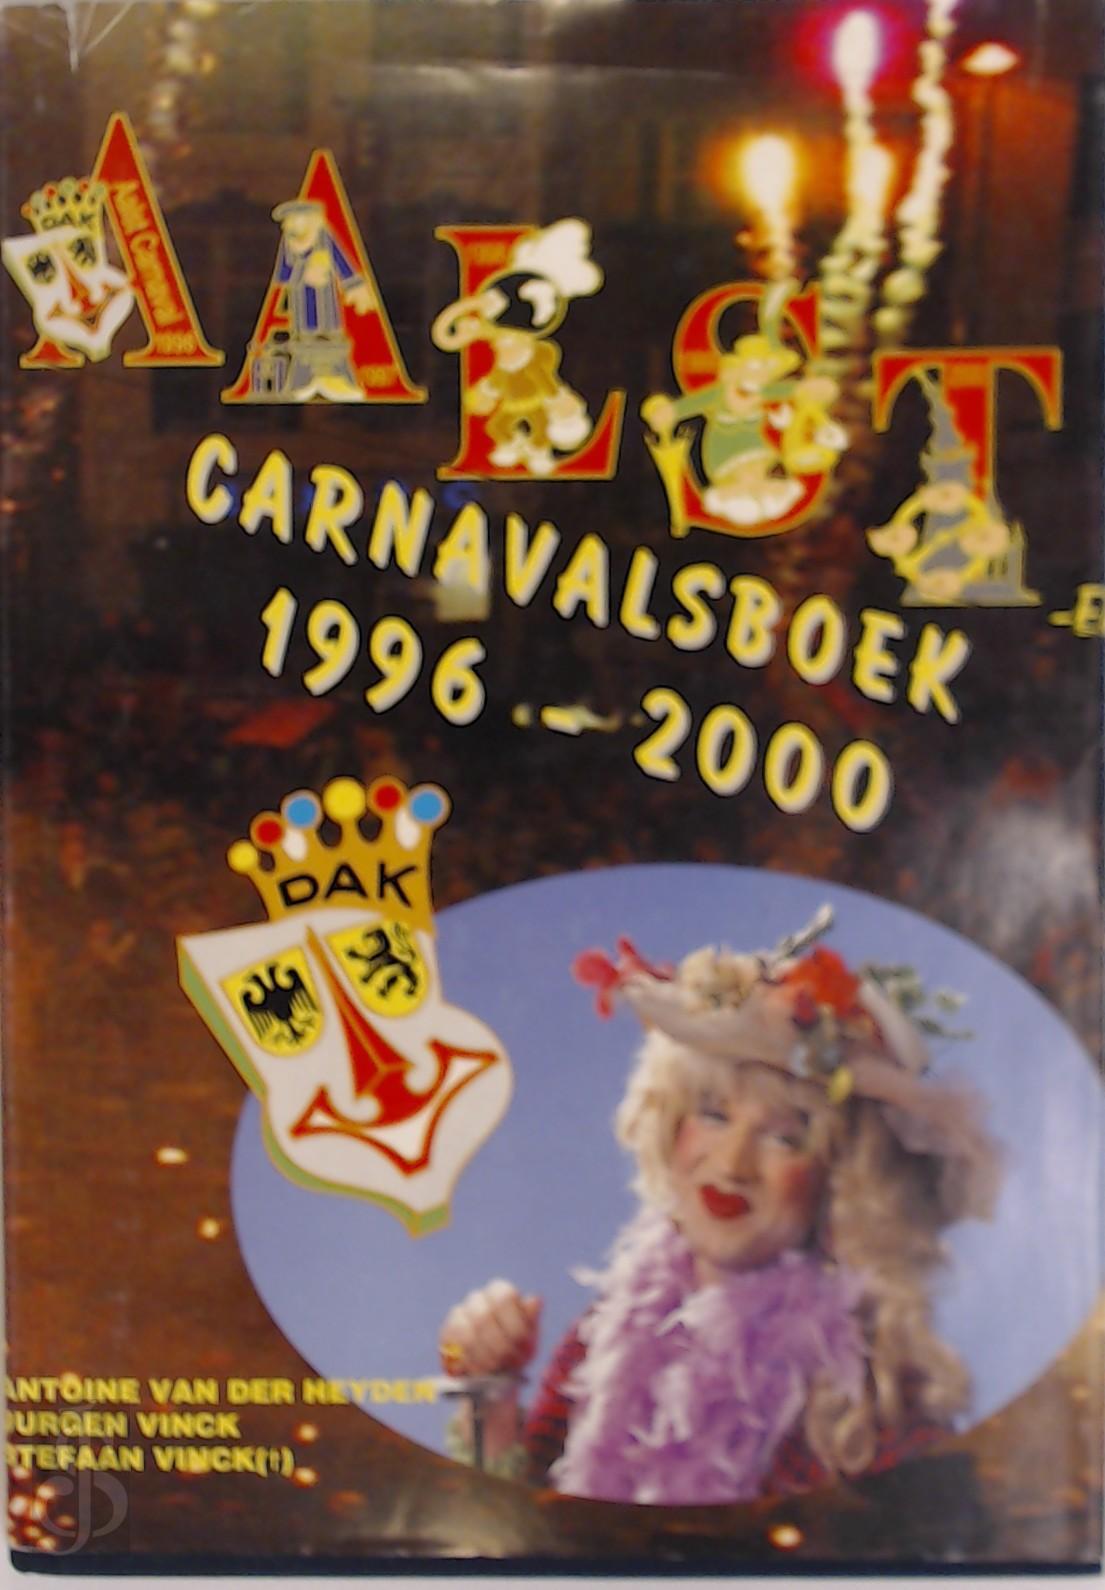 Aalsters Carnavalsboek 1996...